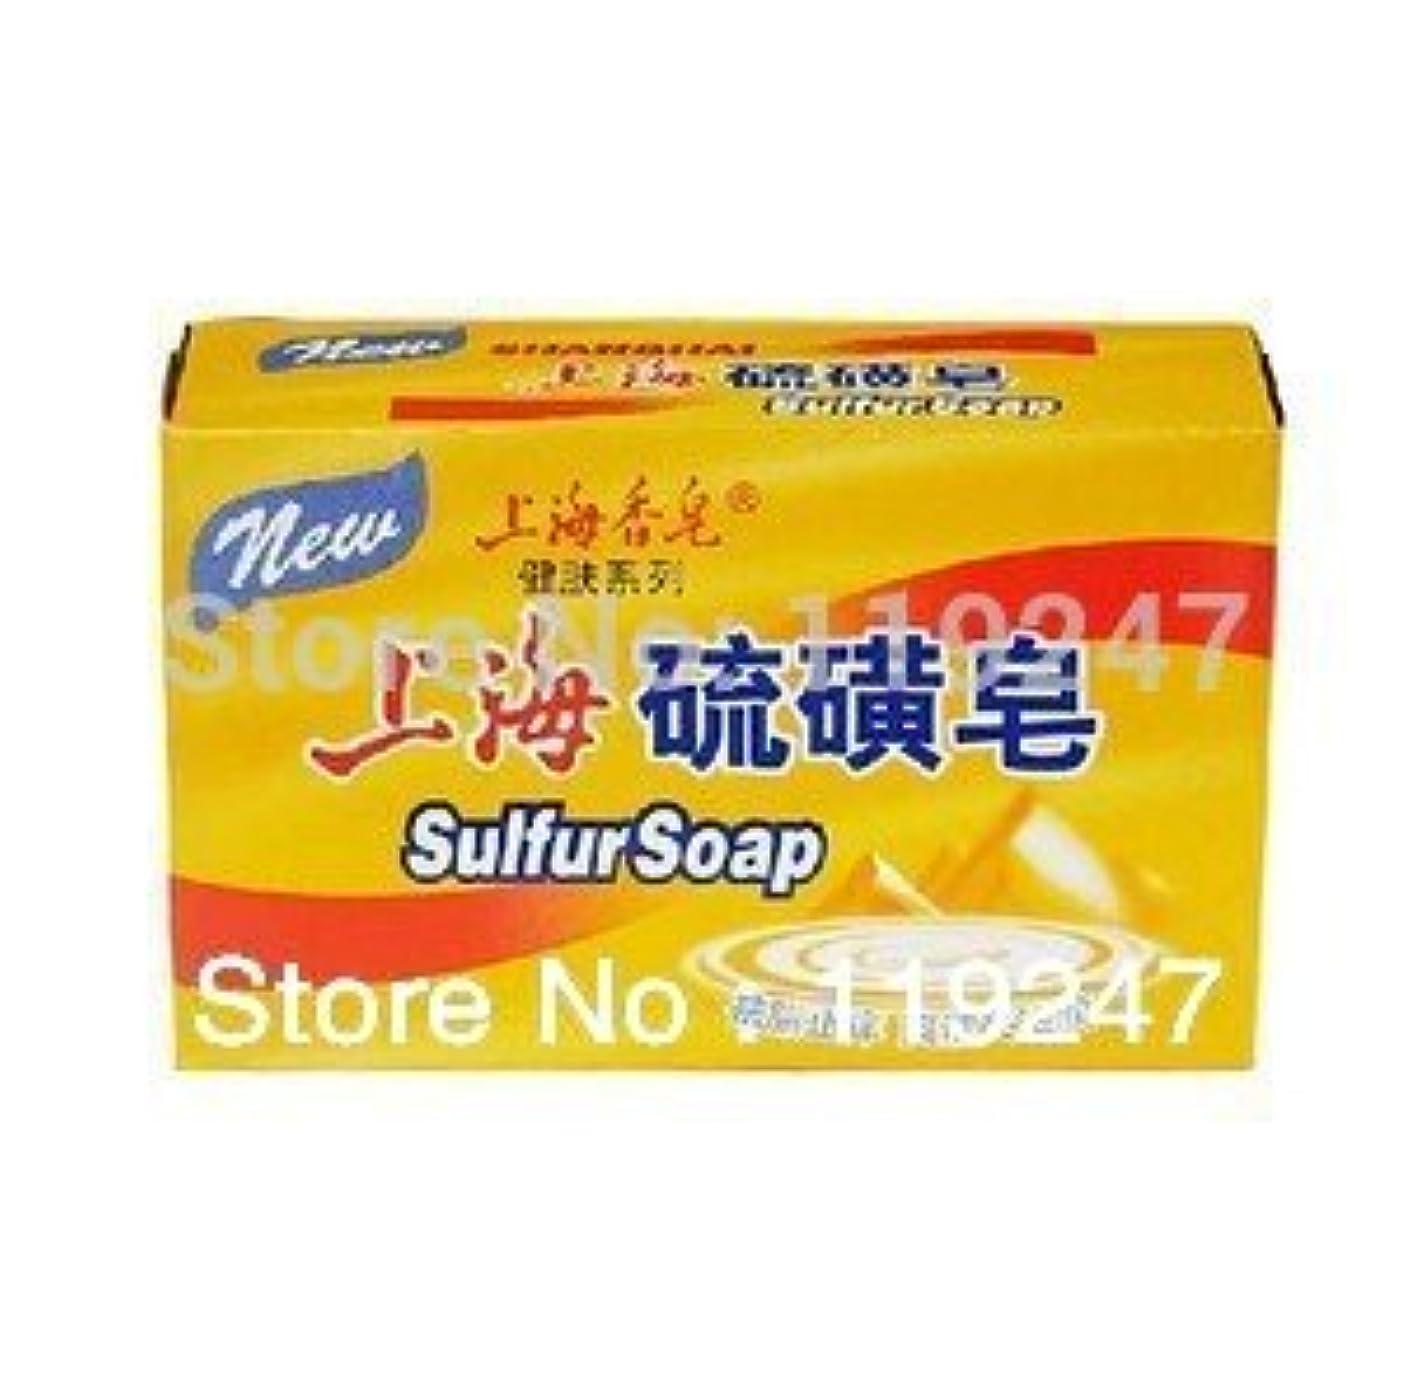 連帯いくつかの反動Lorny (TM) 上海硫黄石鹸アンチ菌ダニ、ストップかゆみ125グラム格安 [並行輸入品]